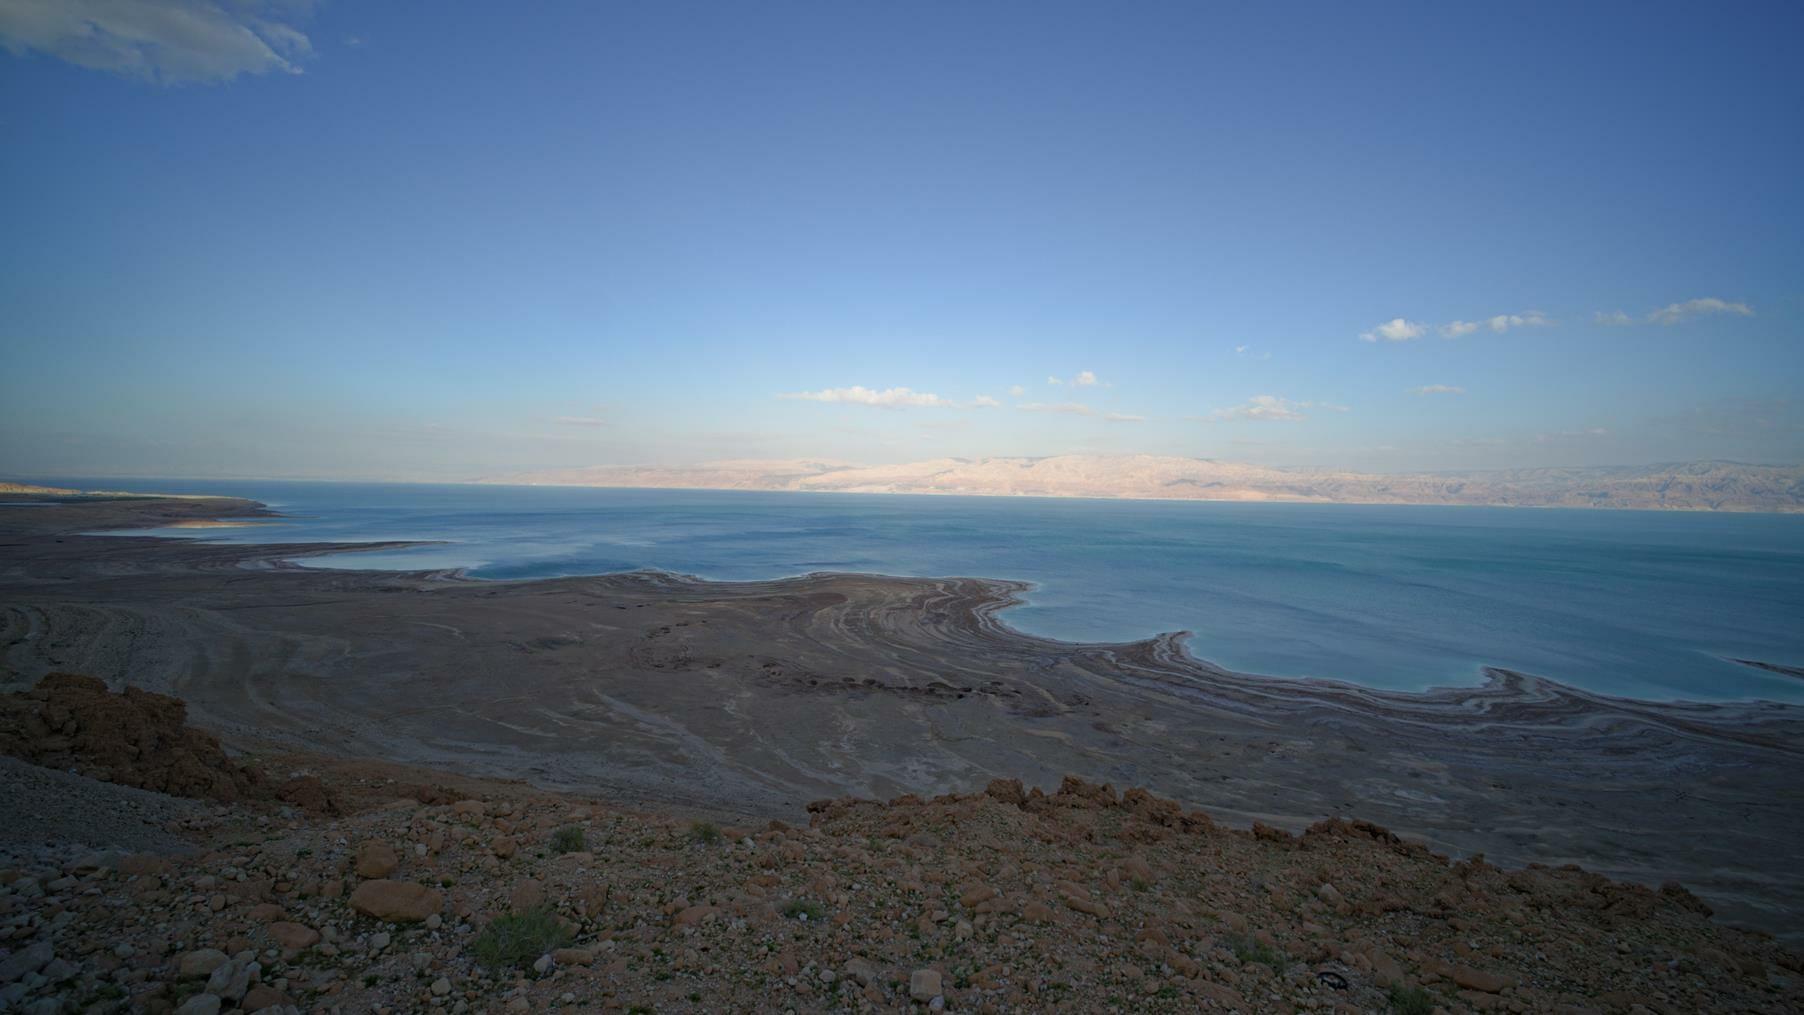 נופי ים המלח והבולענים, צילום: יוסי אביטל